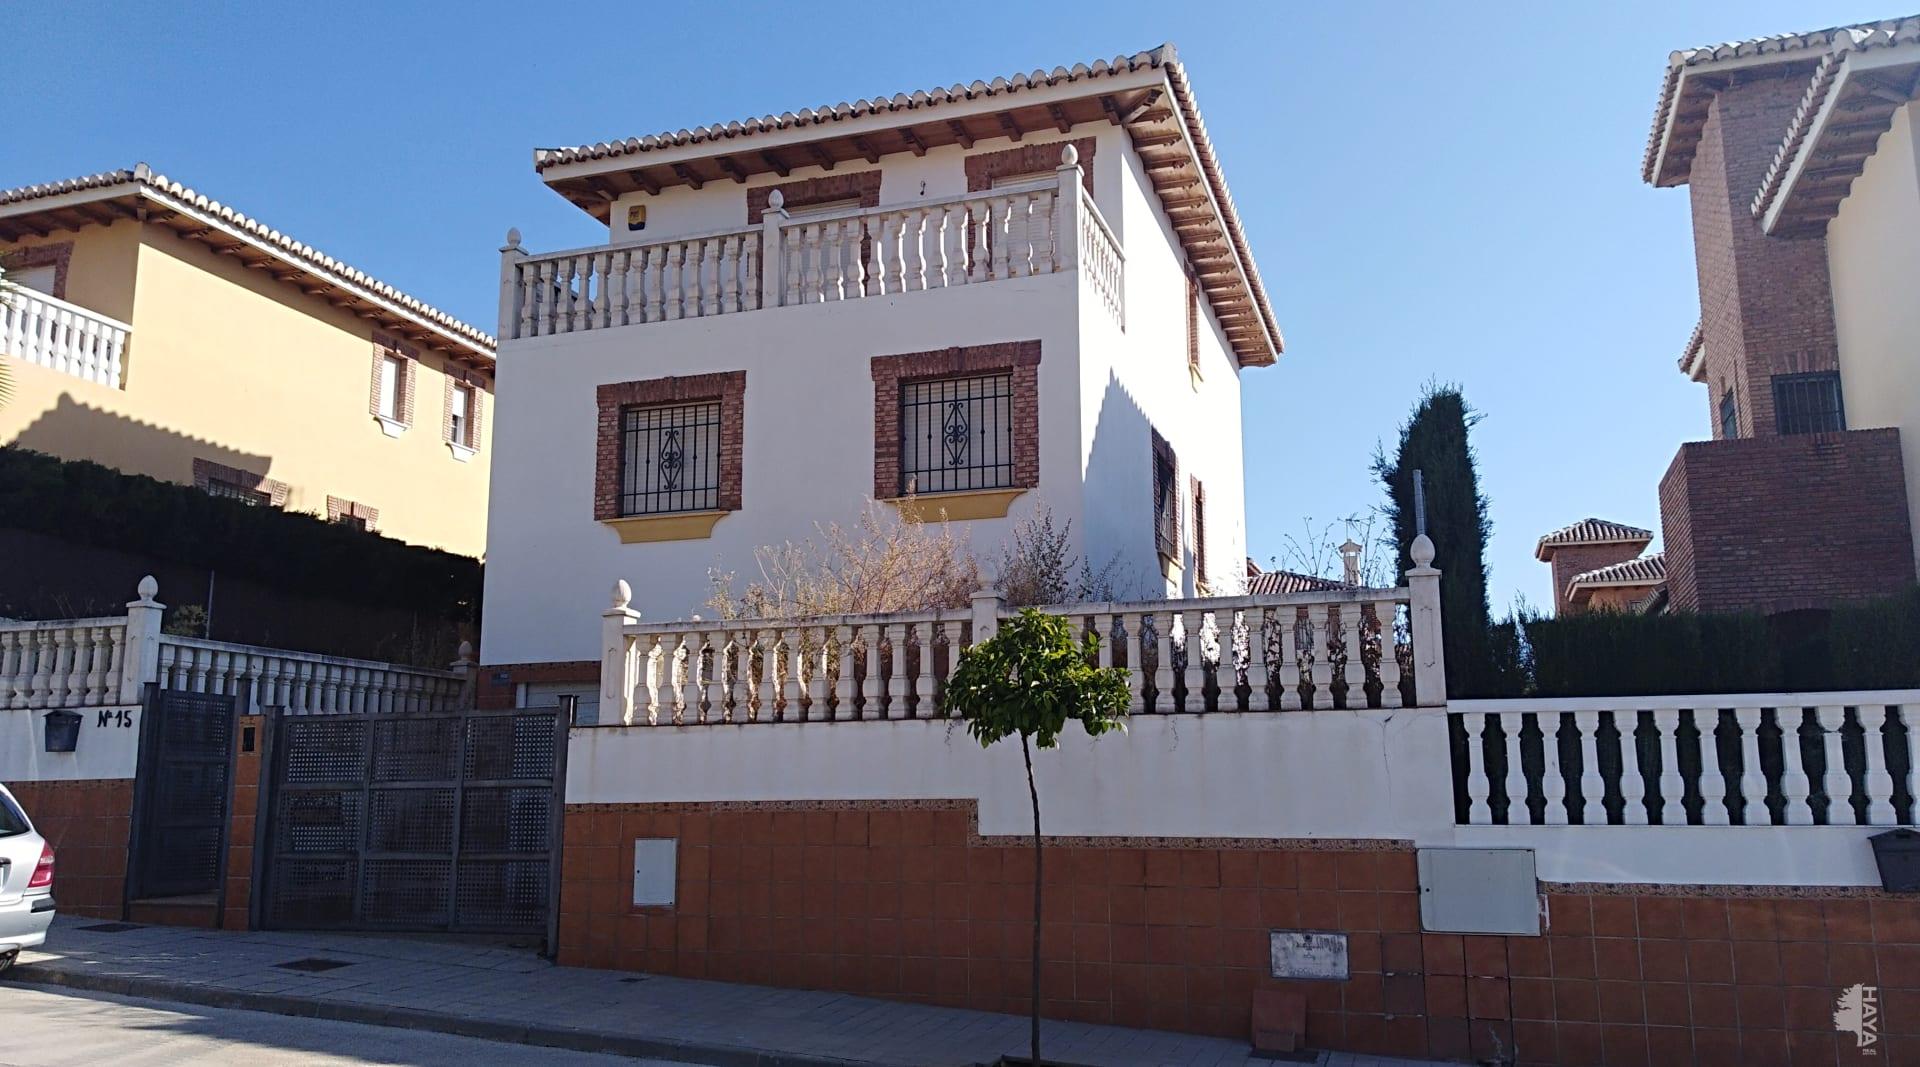 Casa en venta en Huétor Vega, Granada, Avenida Suecia, 239.000 €, 4 habitaciones, 3 baños, 220 m2